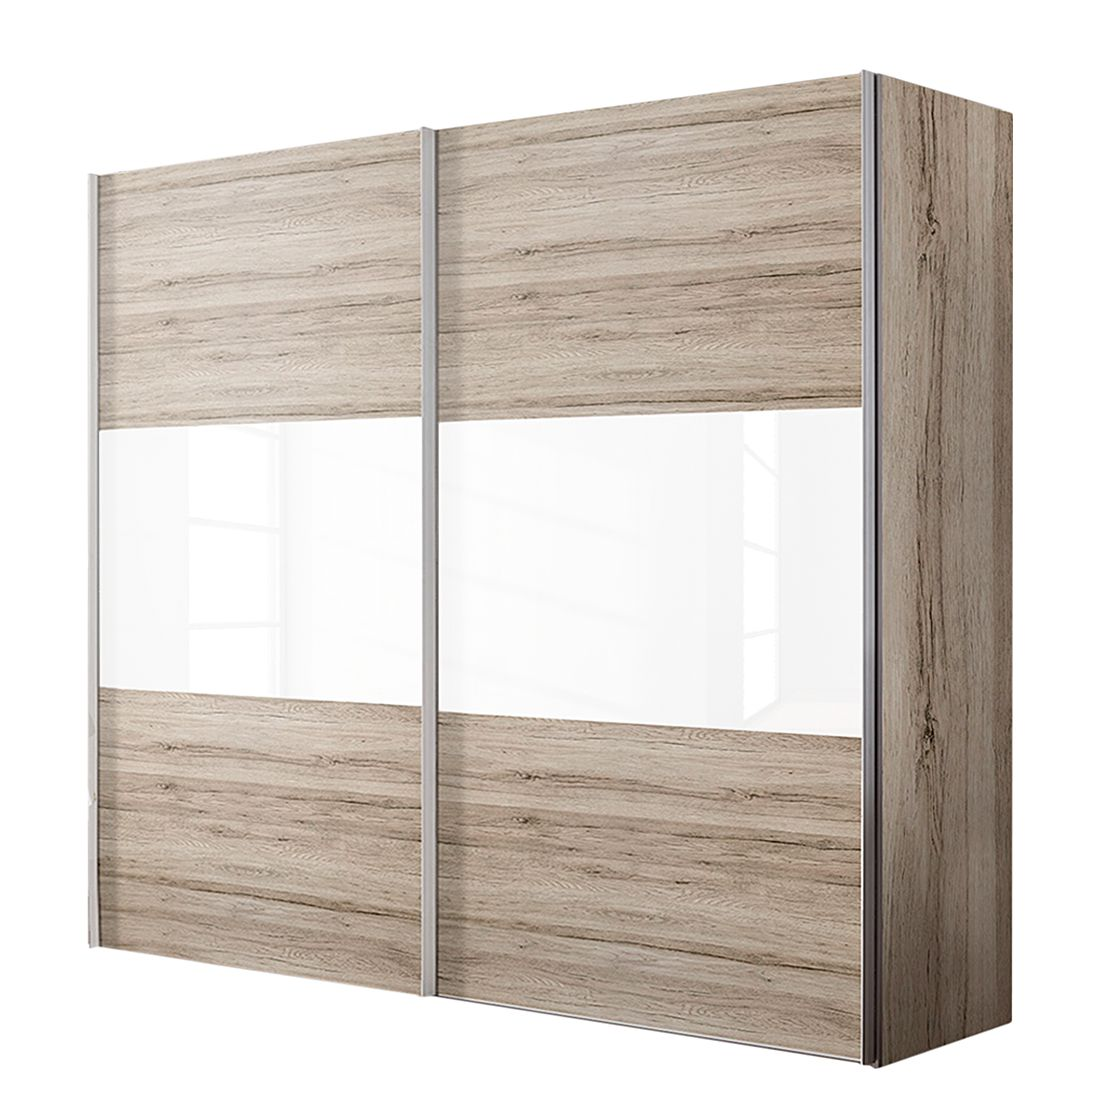 schwebet renschrank ruby sanremo eiche dekor wei glas bxh 200 x 216 cm 2 t rig express. Black Bedroom Furniture Sets. Home Design Ideas